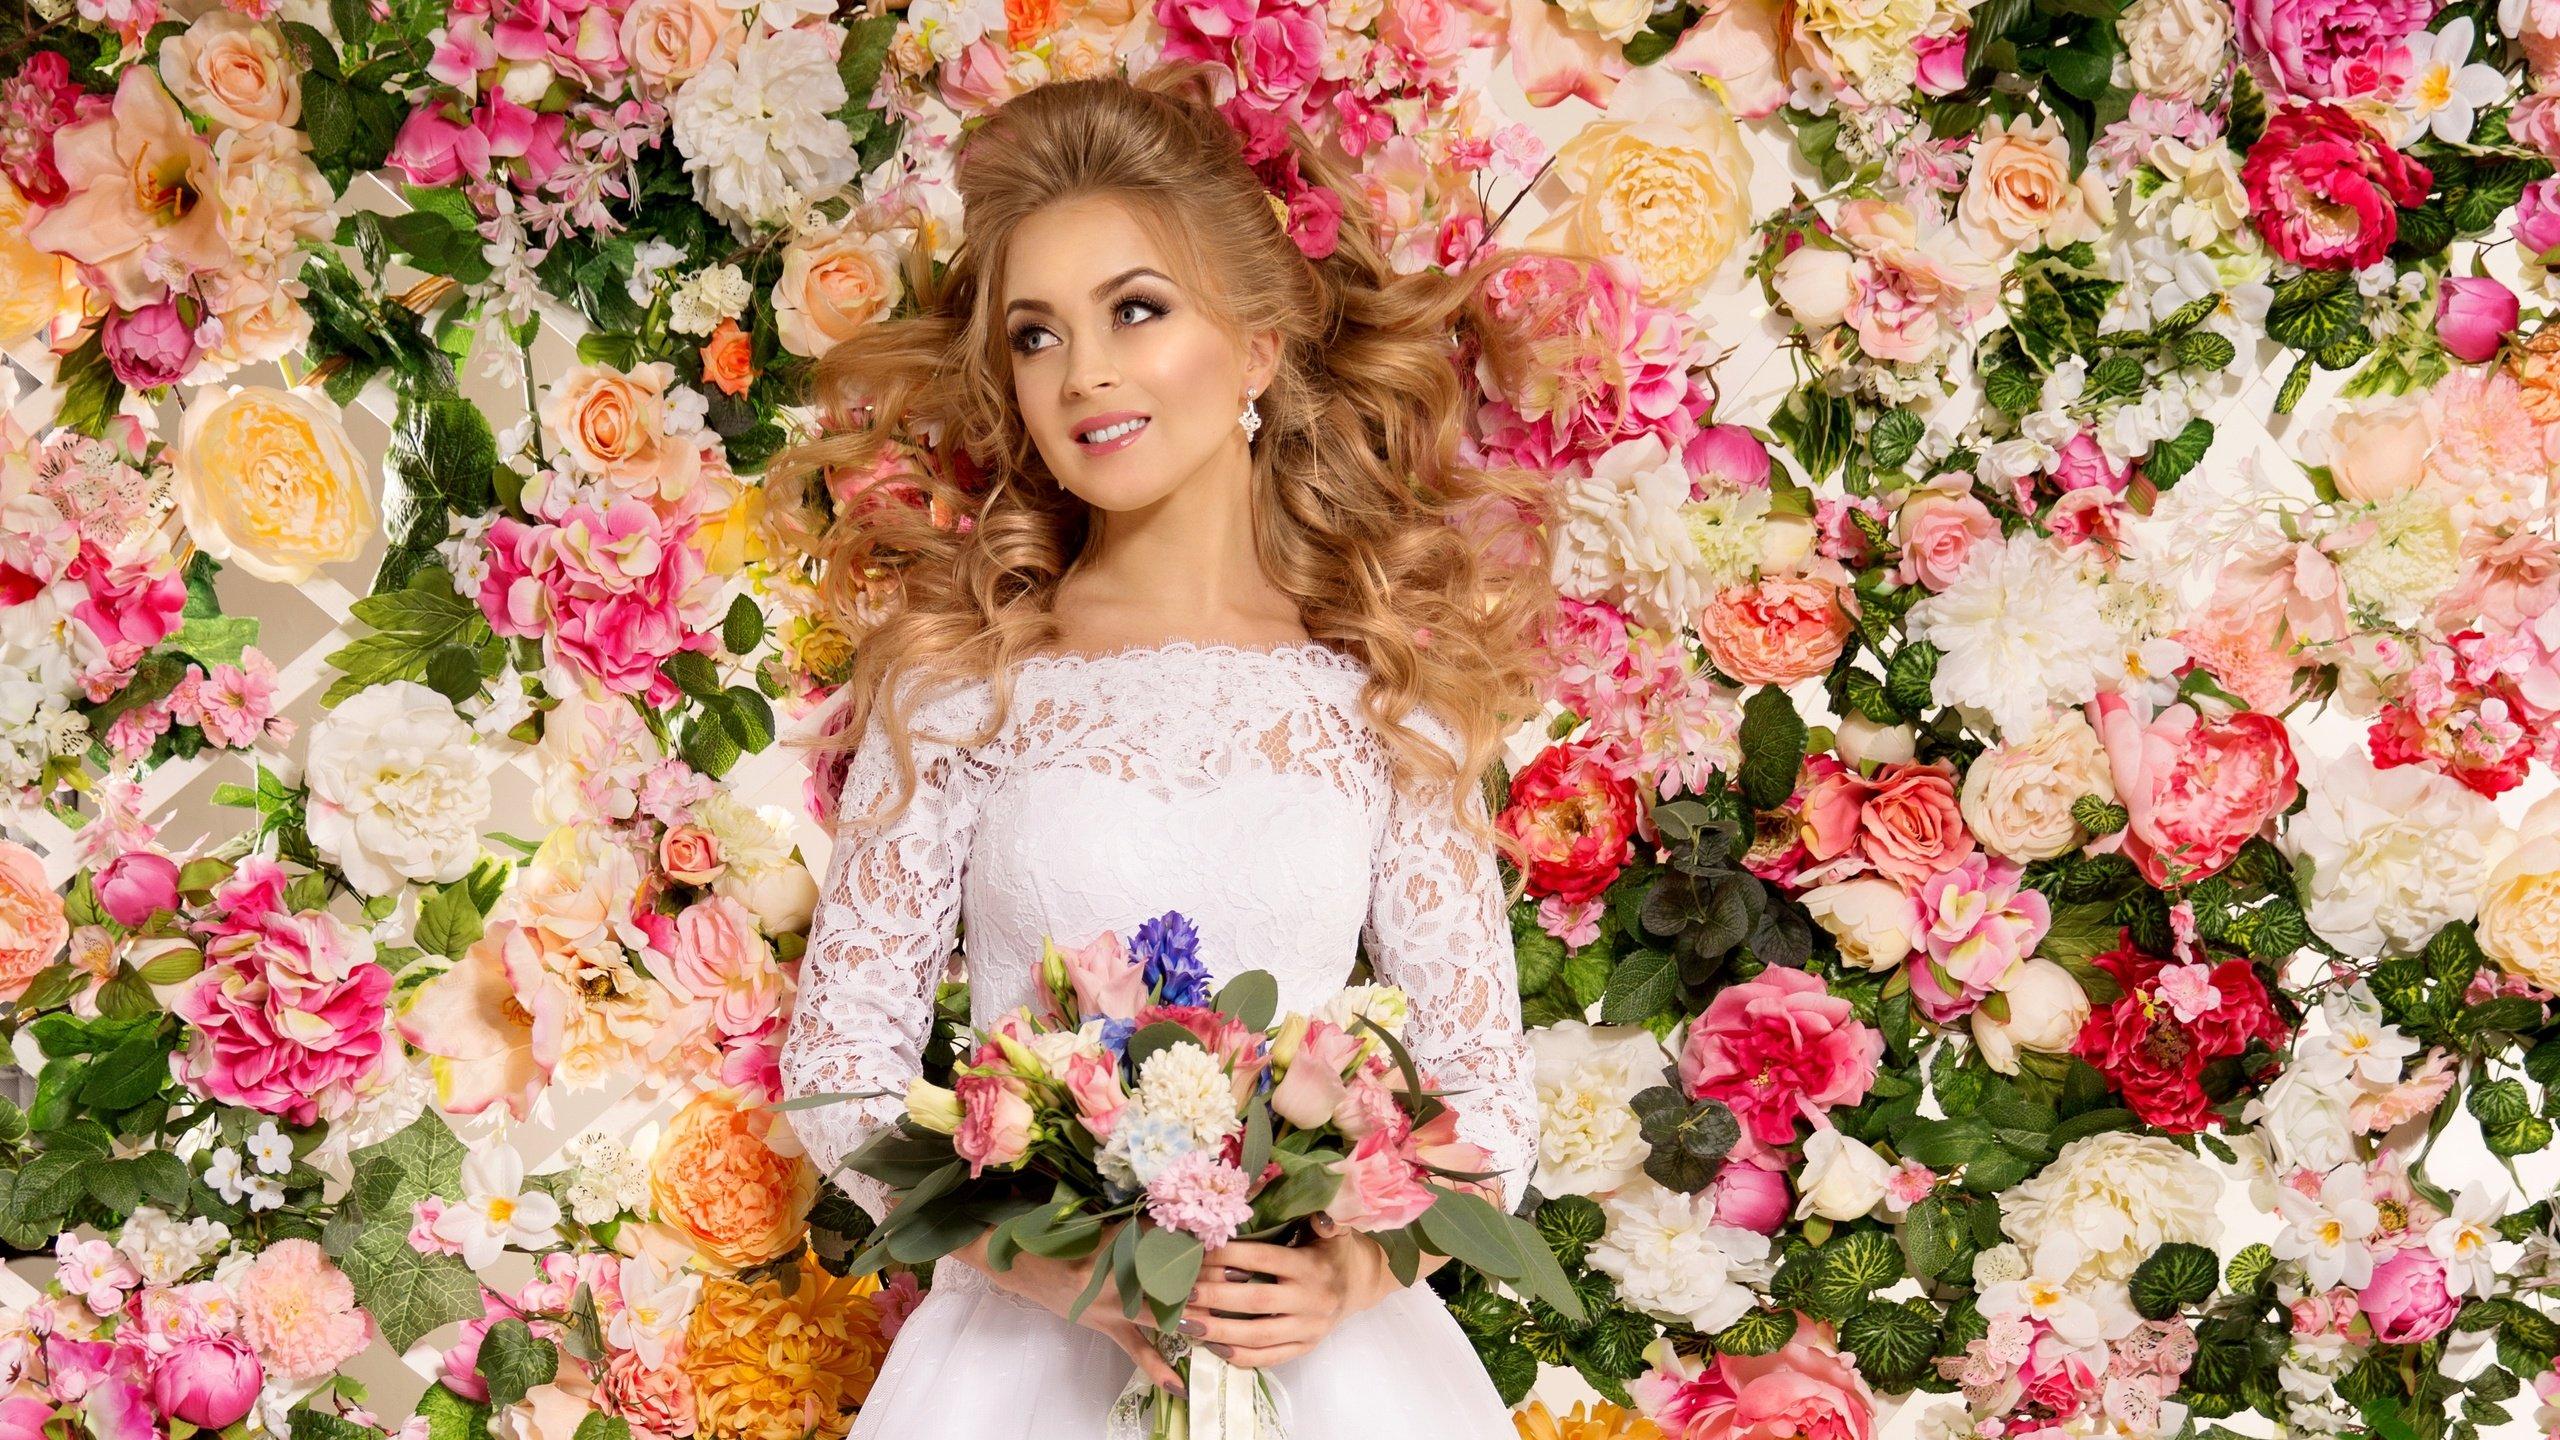 Невеста-Весна: как выбрать выбрать наряд для весенней свадьбы